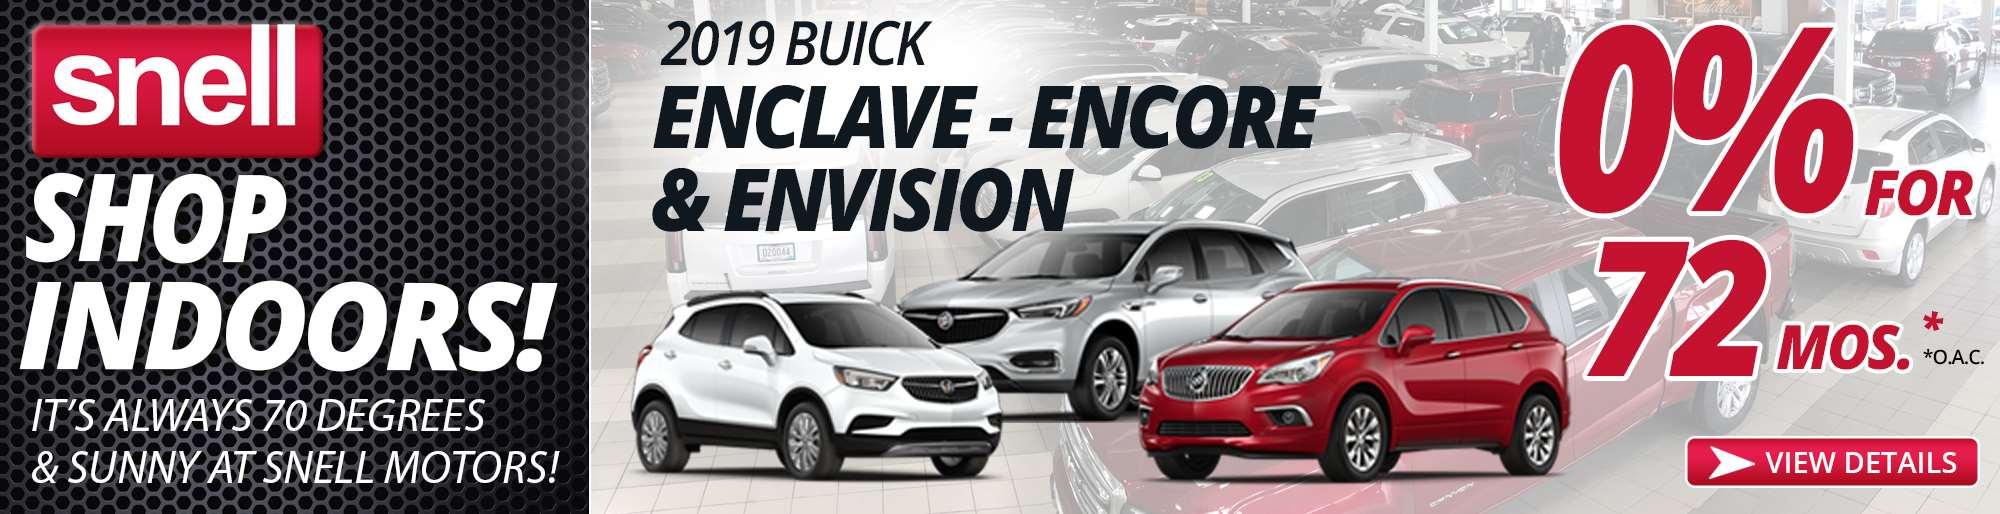 2019 Buick Encore, Enclave, Envision